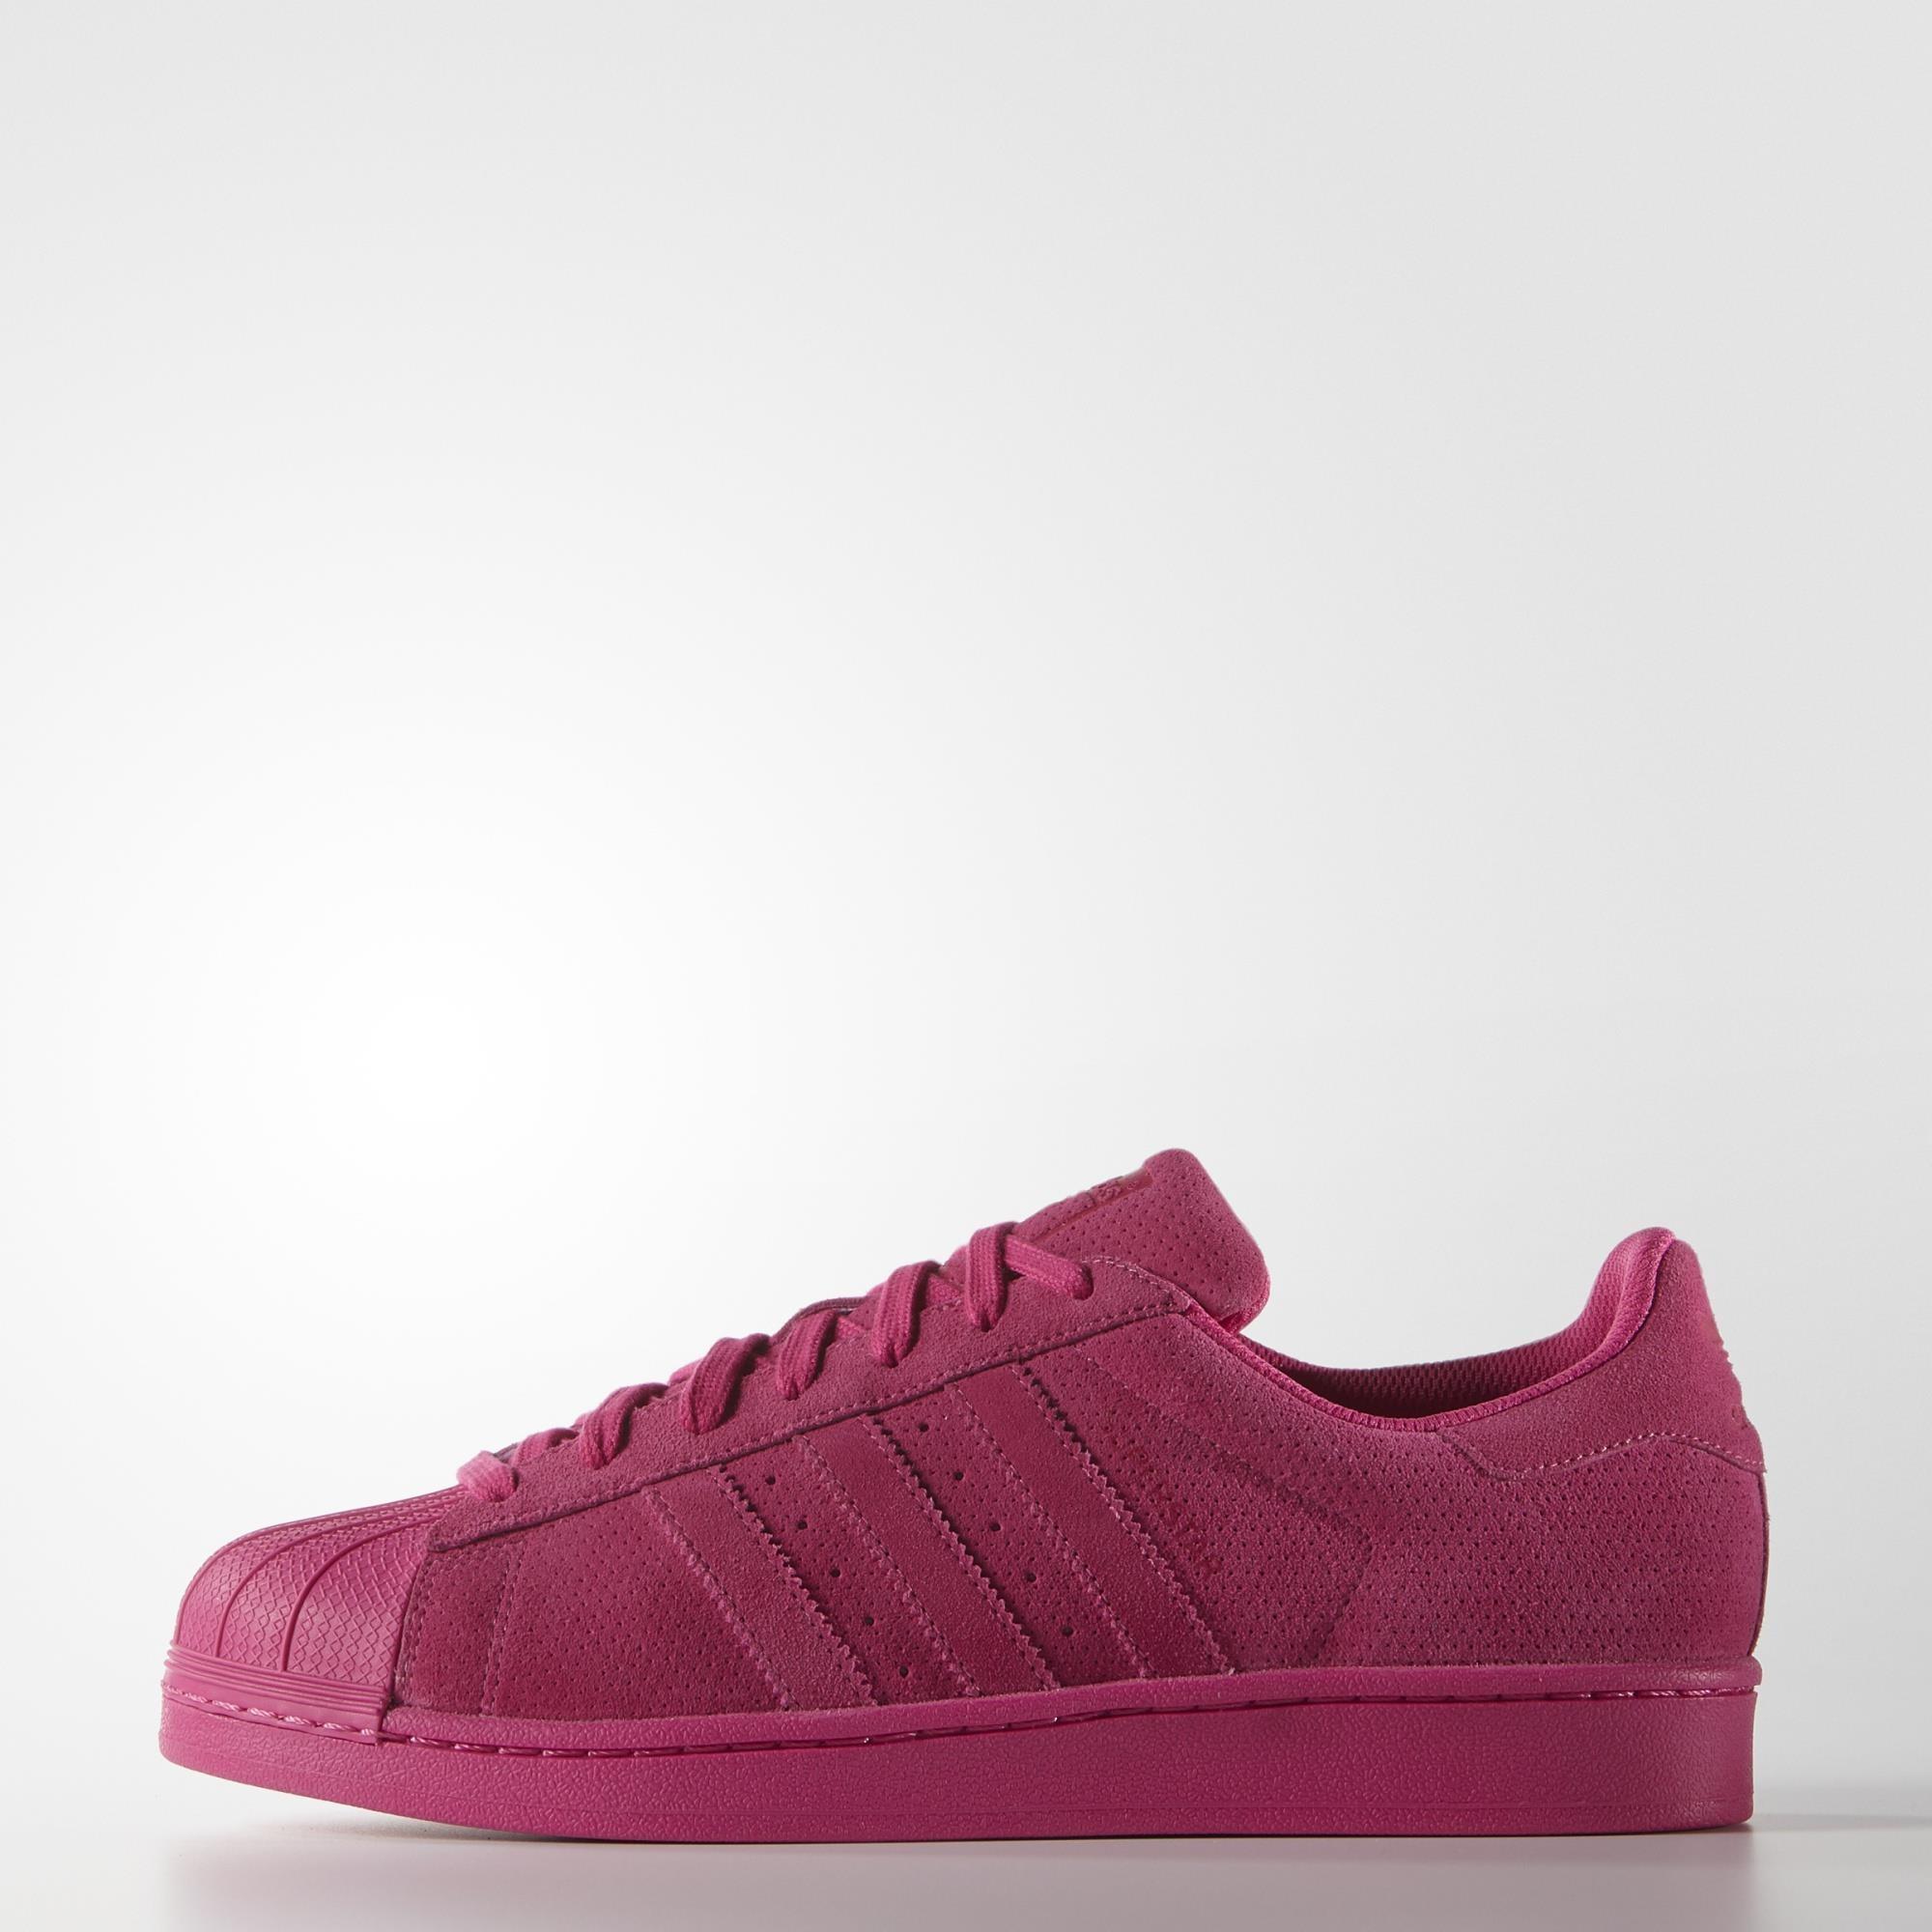 adidas superstar rosa e bianche